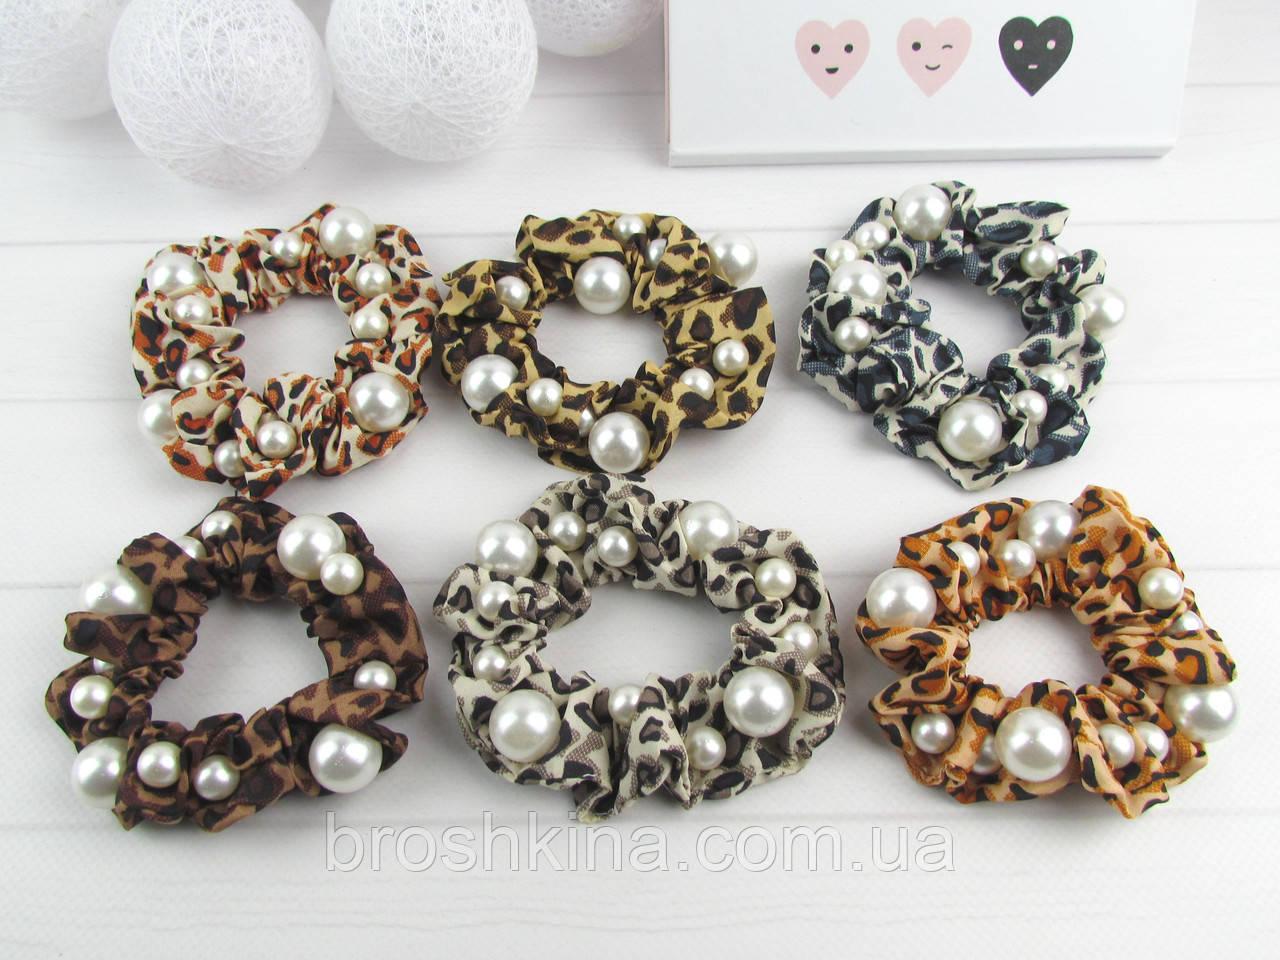 Гумки для волосся текстиль Ø 8 см з перлами 12 шт/уп.